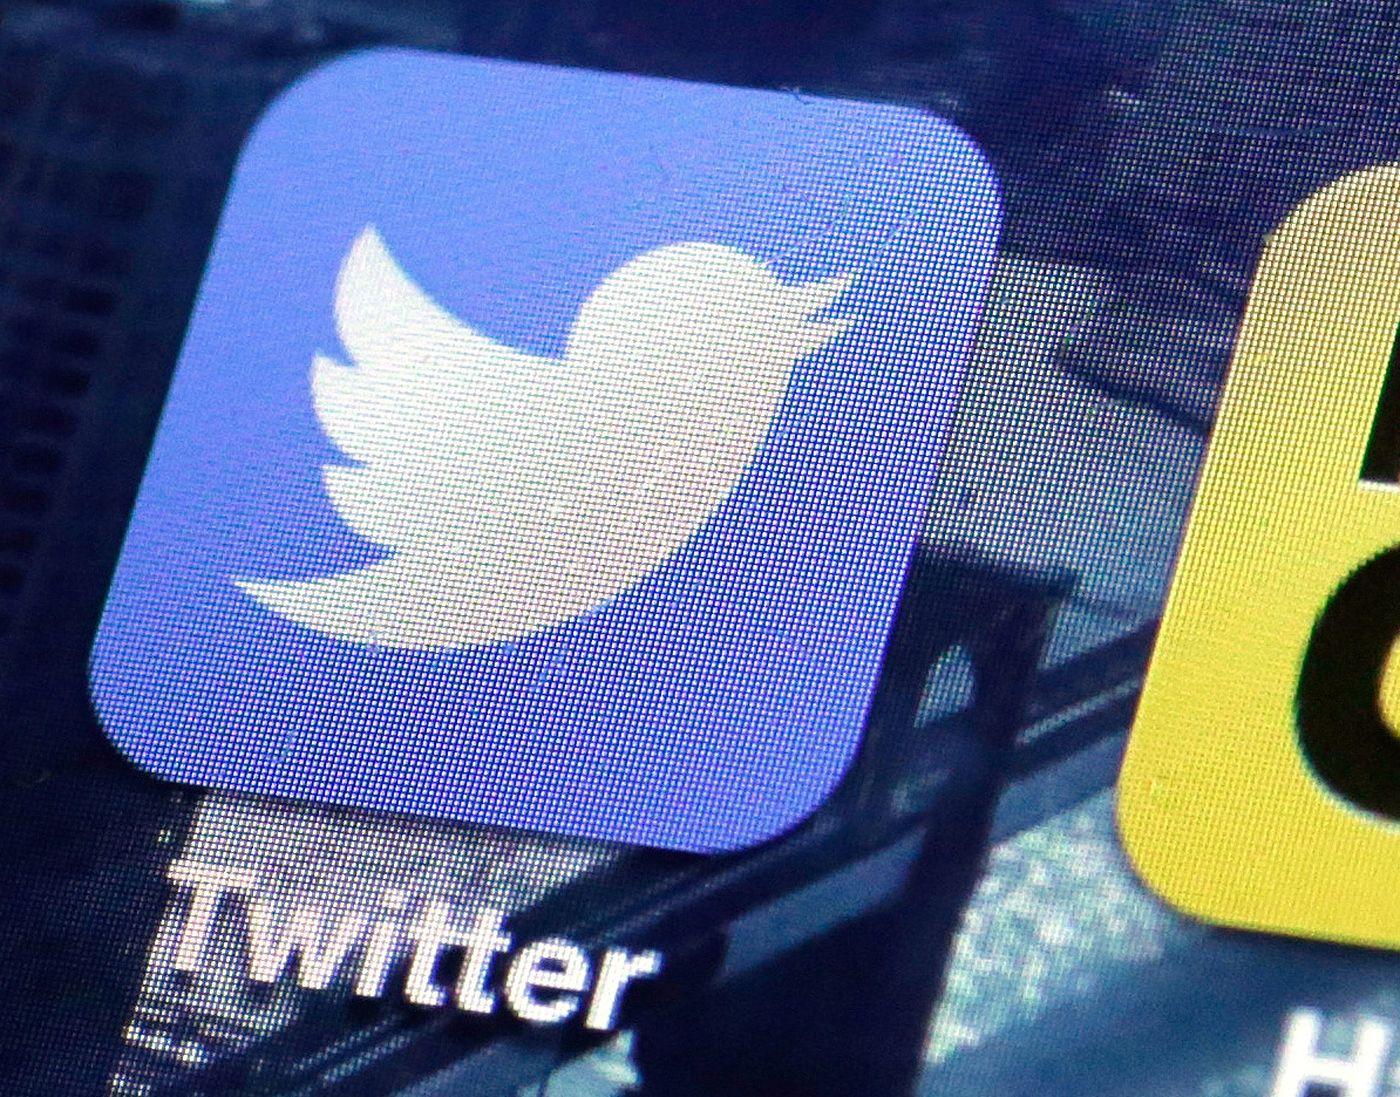 Twitter: Russian bots?